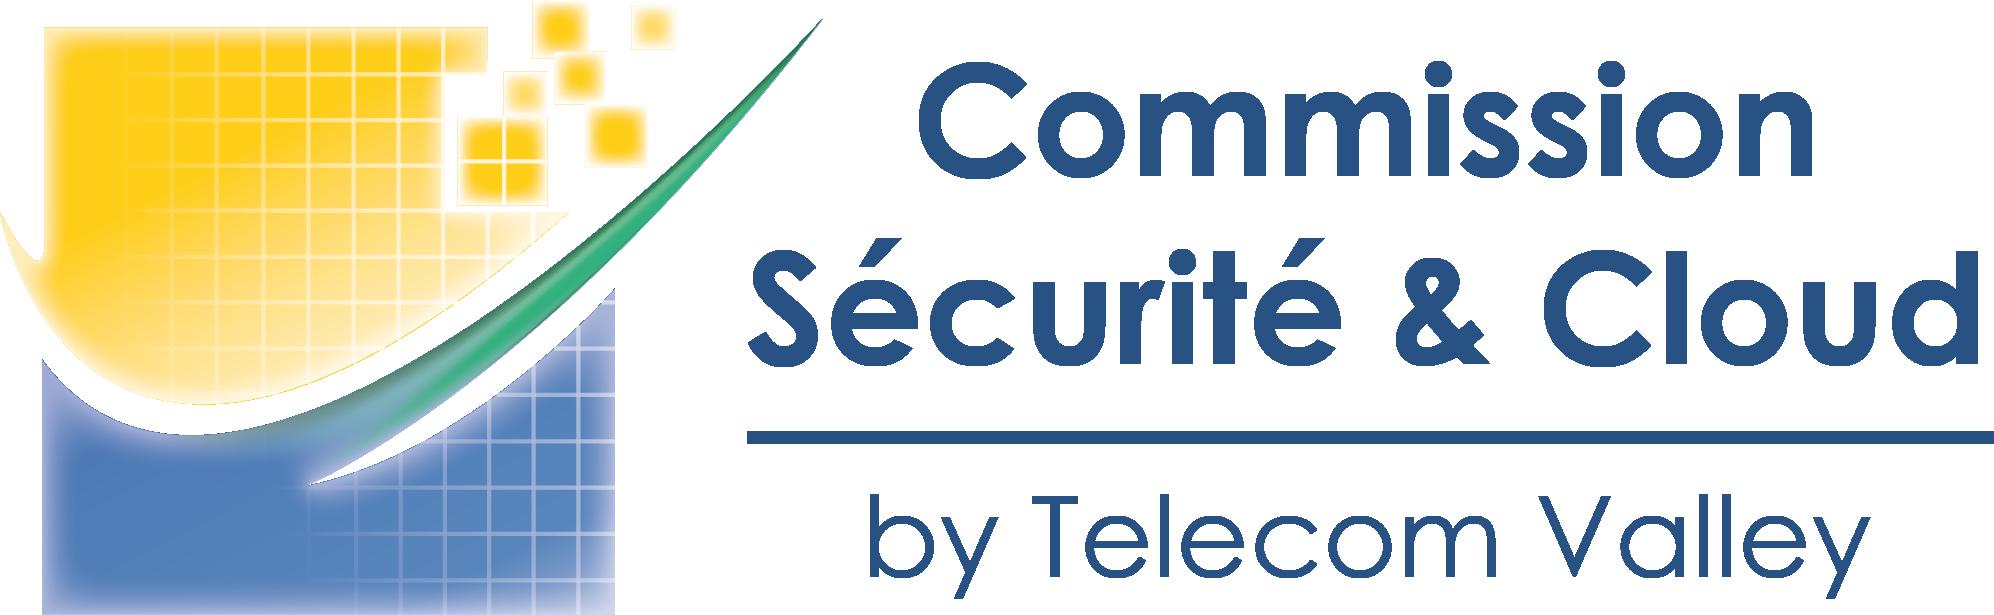 12 juin 2018 – Commission Sécurité & Cloud